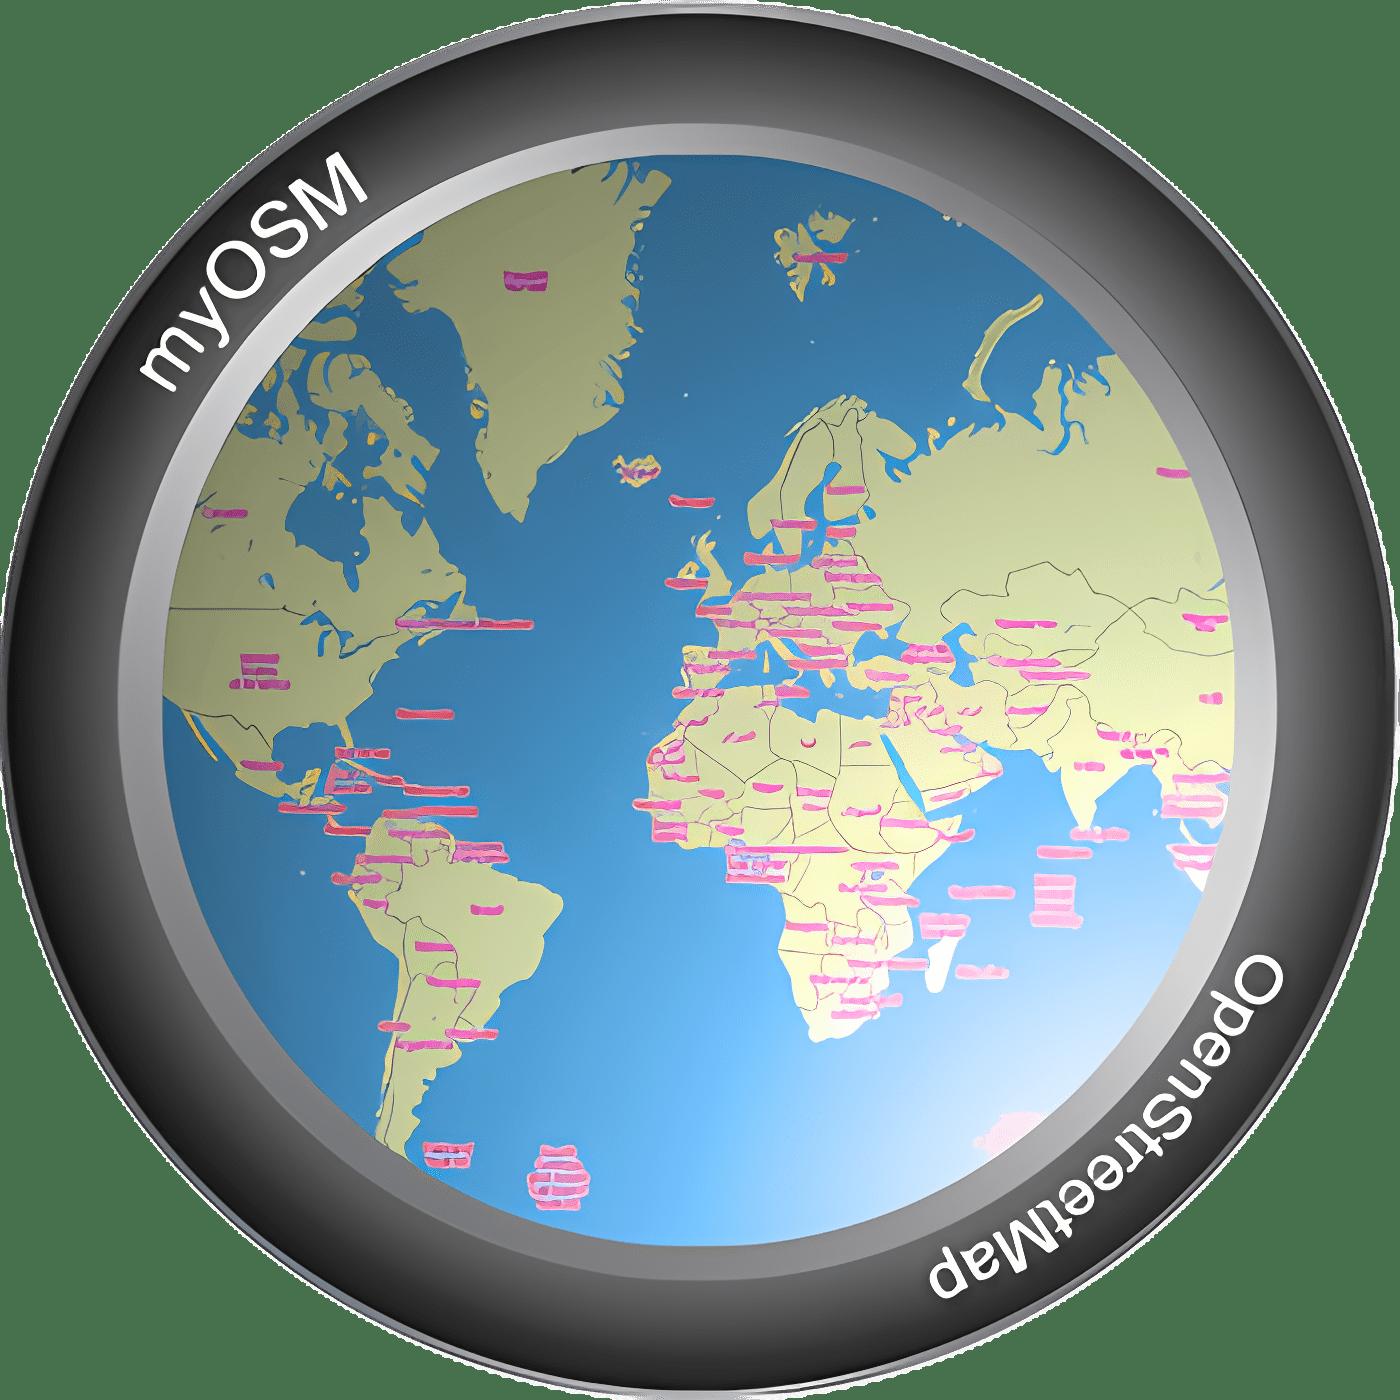 myOSM 1.2.2